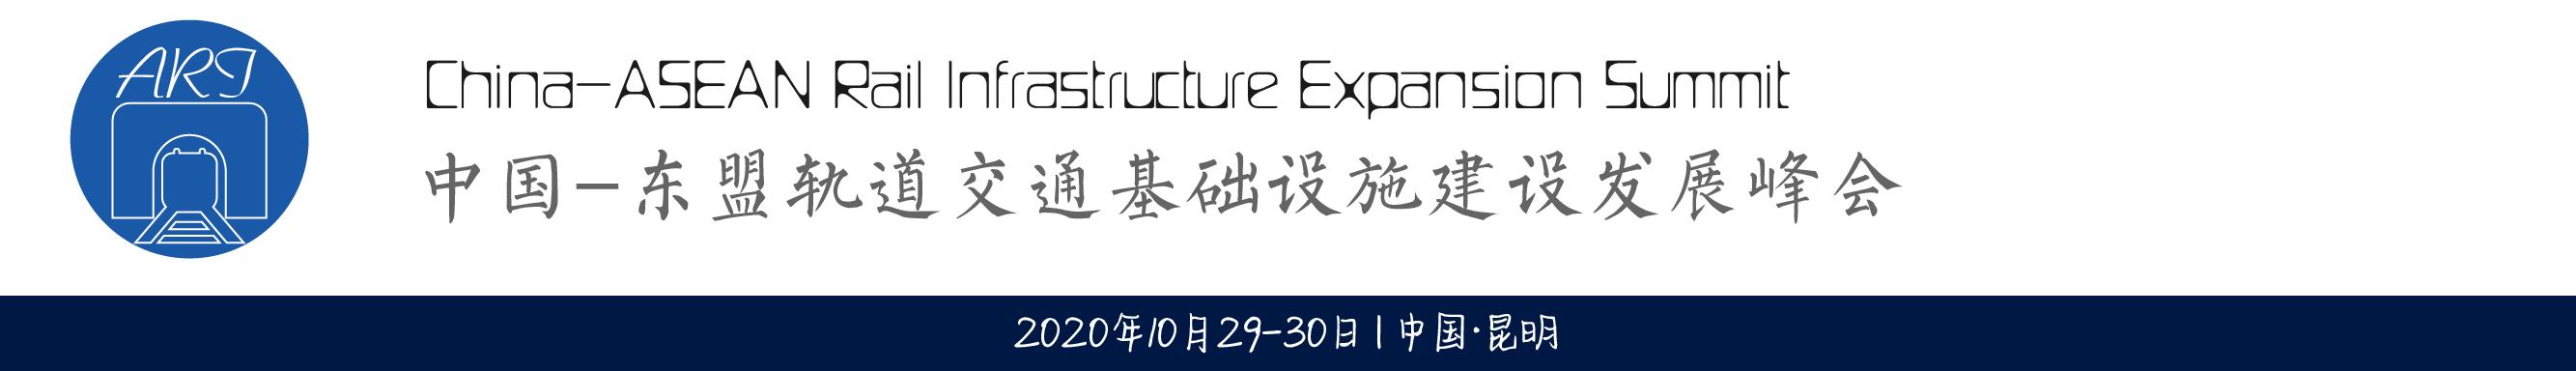 中国-东盟轨道交通基础设施建设发展峰会